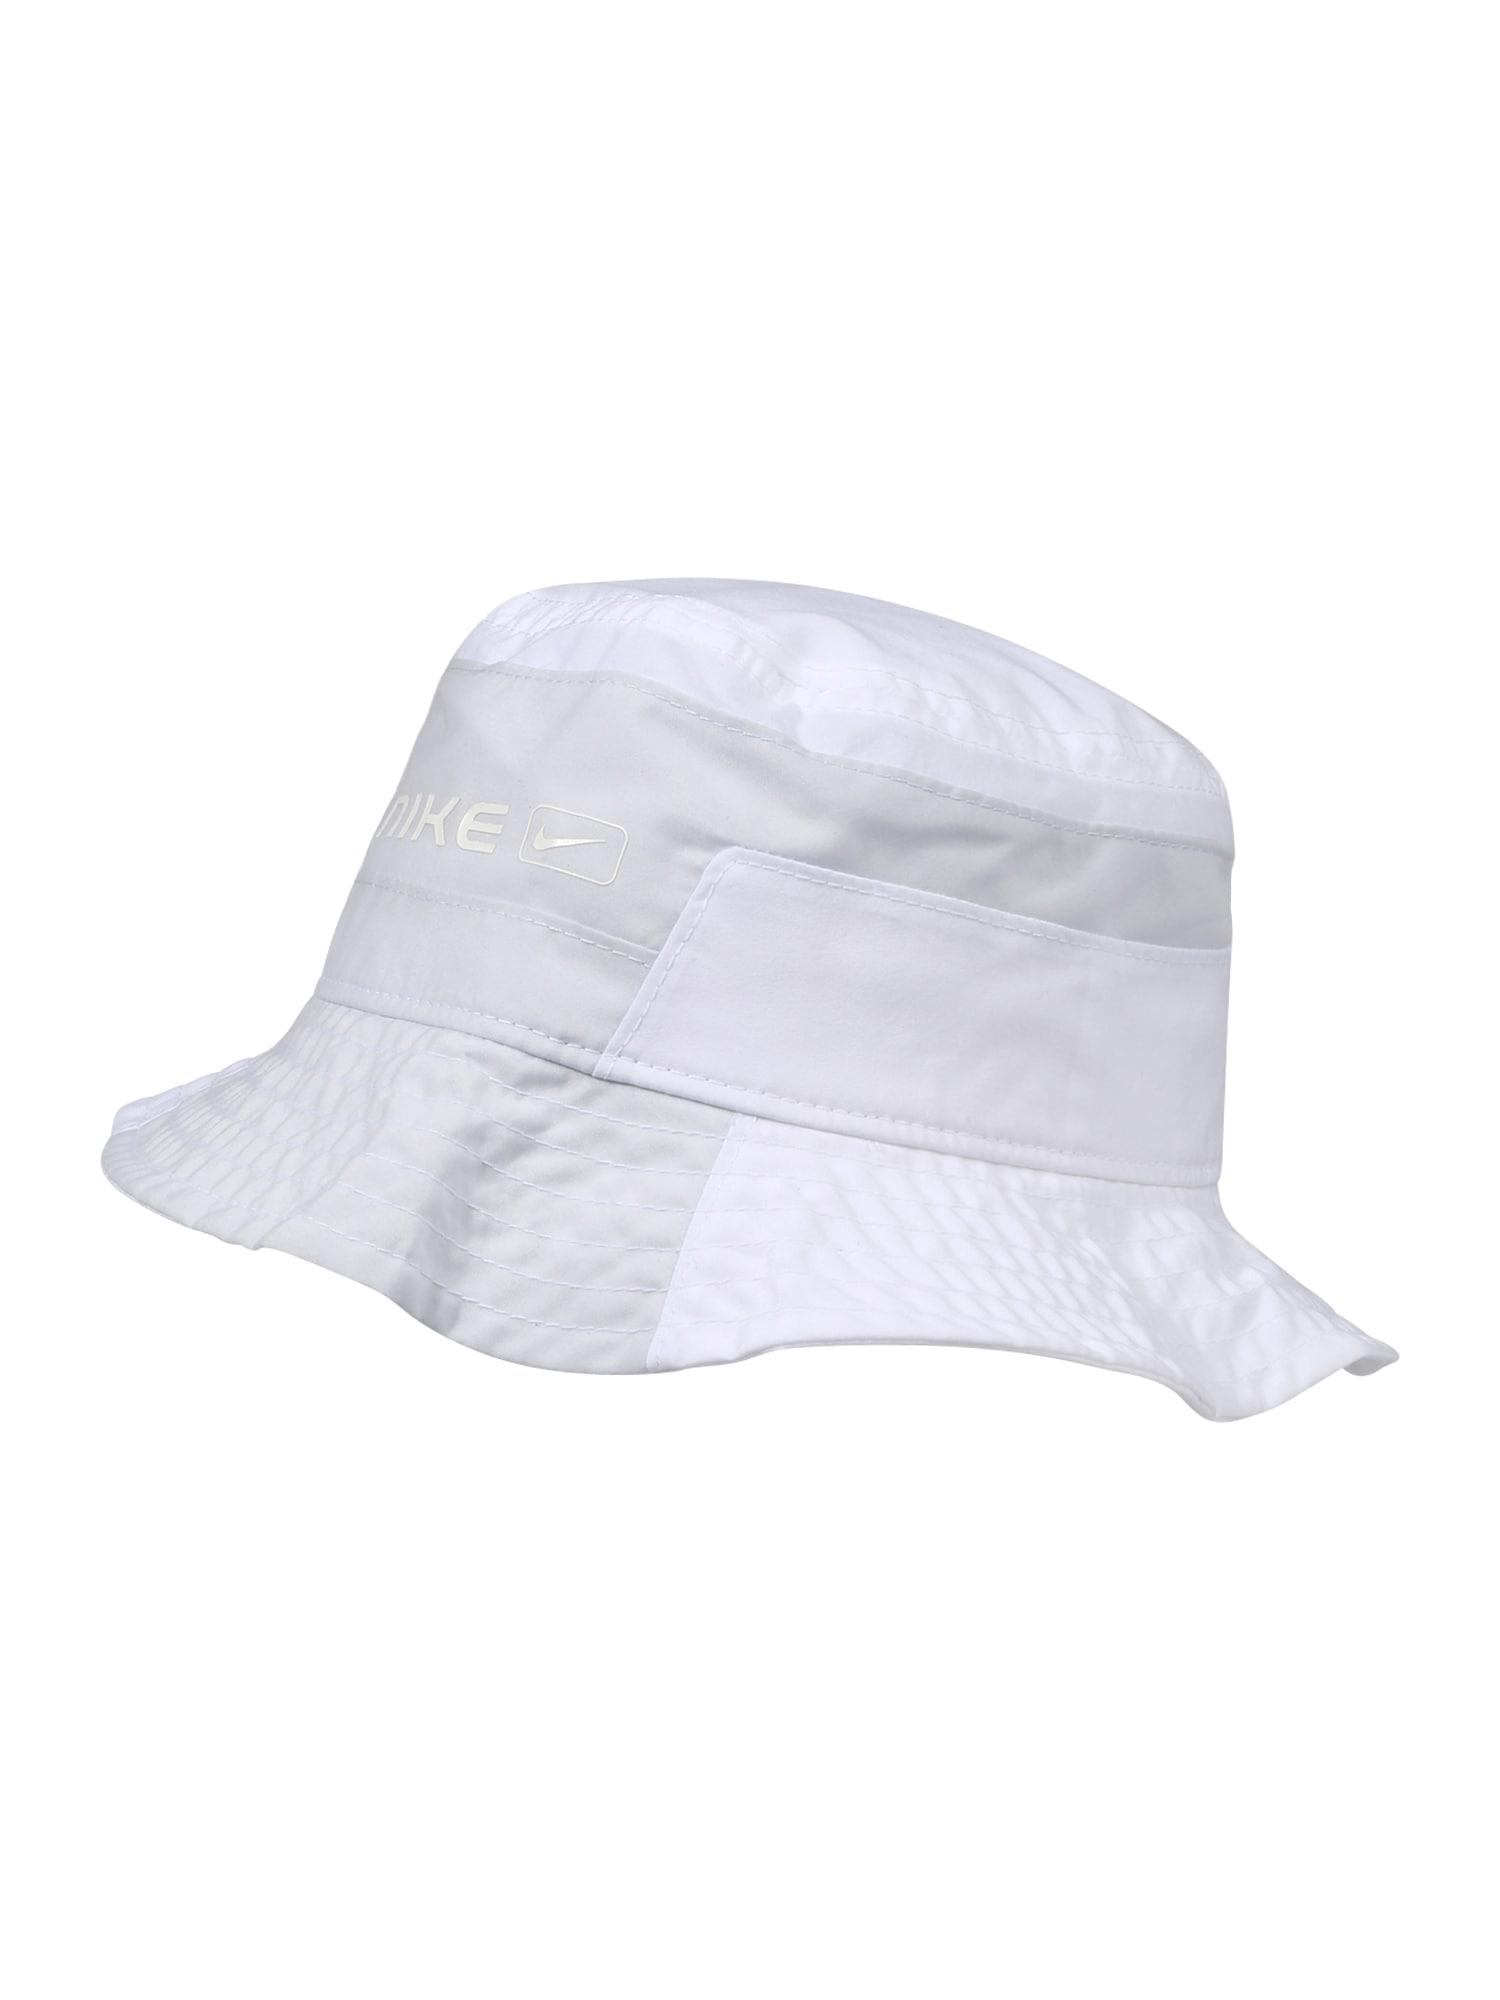 Nike Sportswear Skrybėlaitė balta / šviesiai pilka